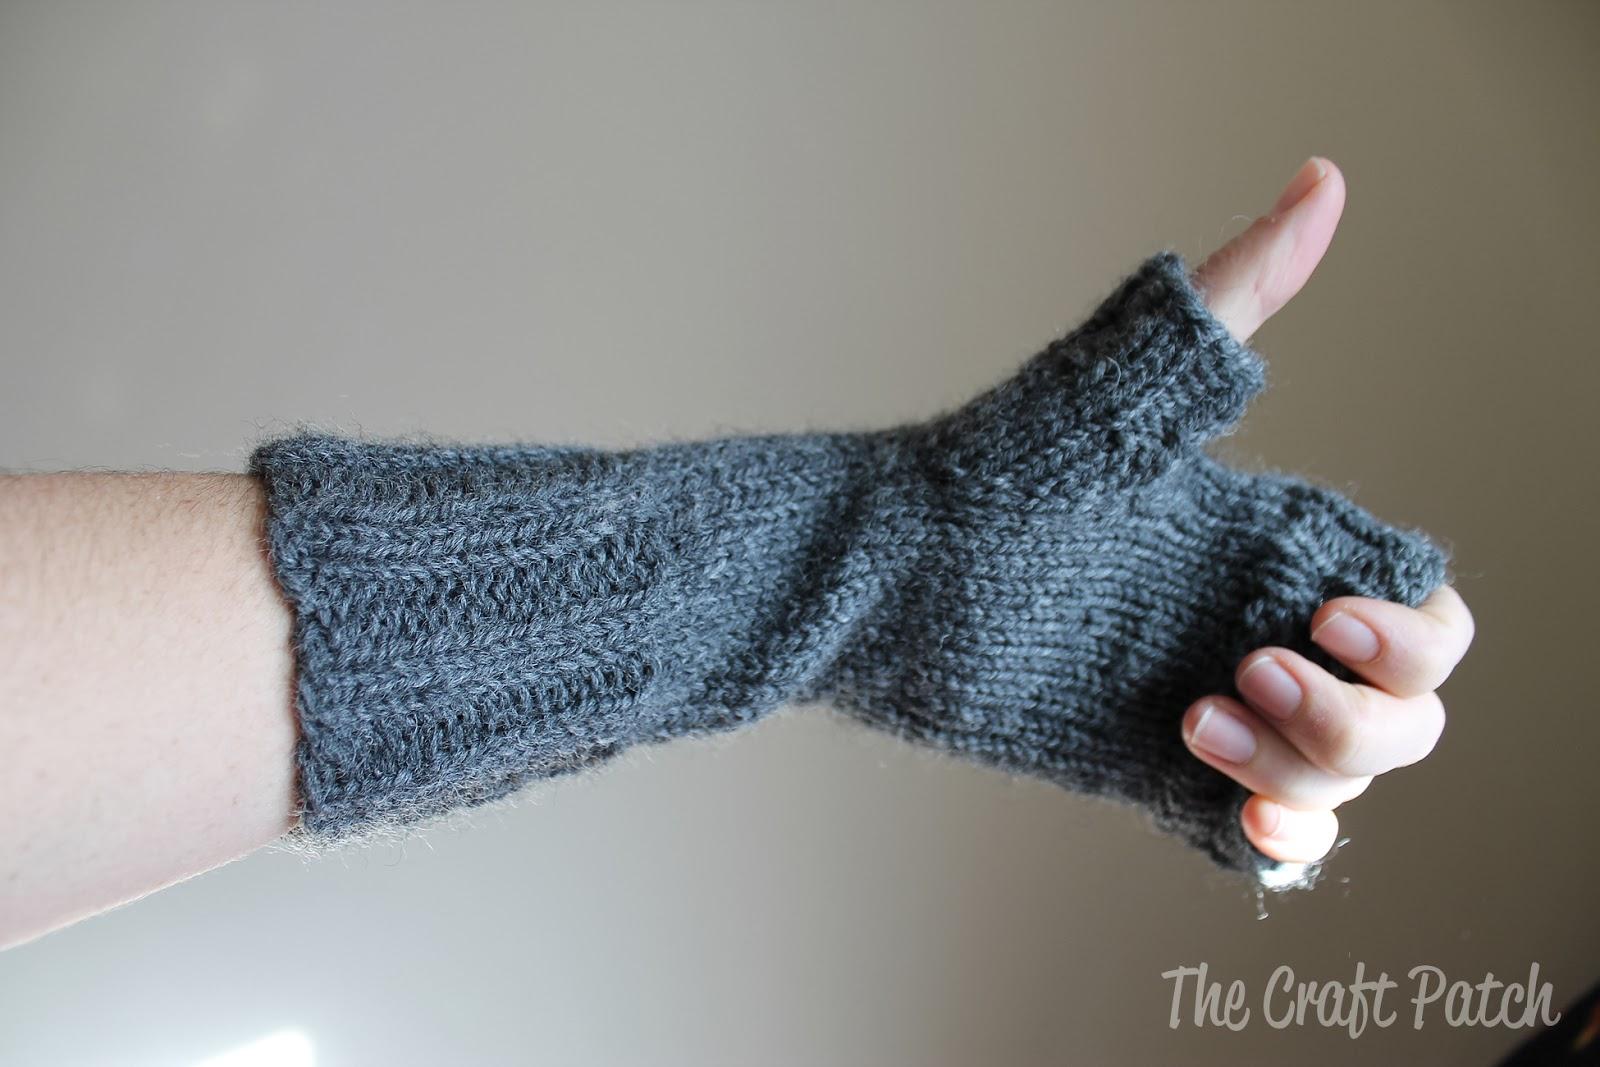 Knitting Gloves For Beginners Fingerless : The craft patch knitted fingerless gloves